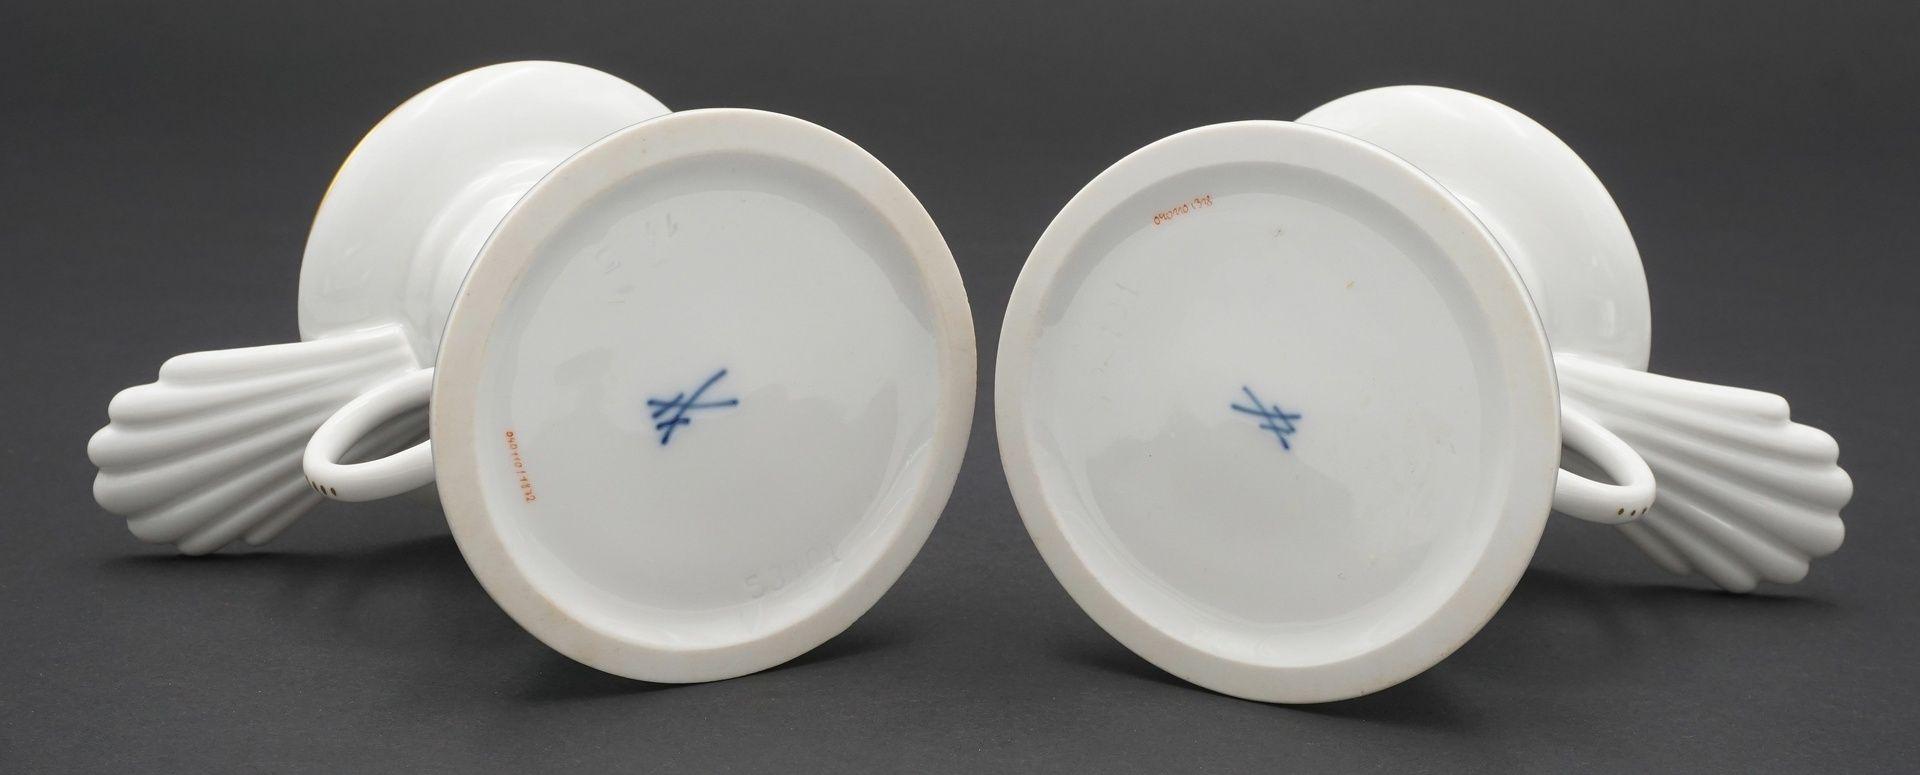 Zwei Meissen Tischleuchter / Kerzenständer mit Bunter Blume - Bild 3 aus 3